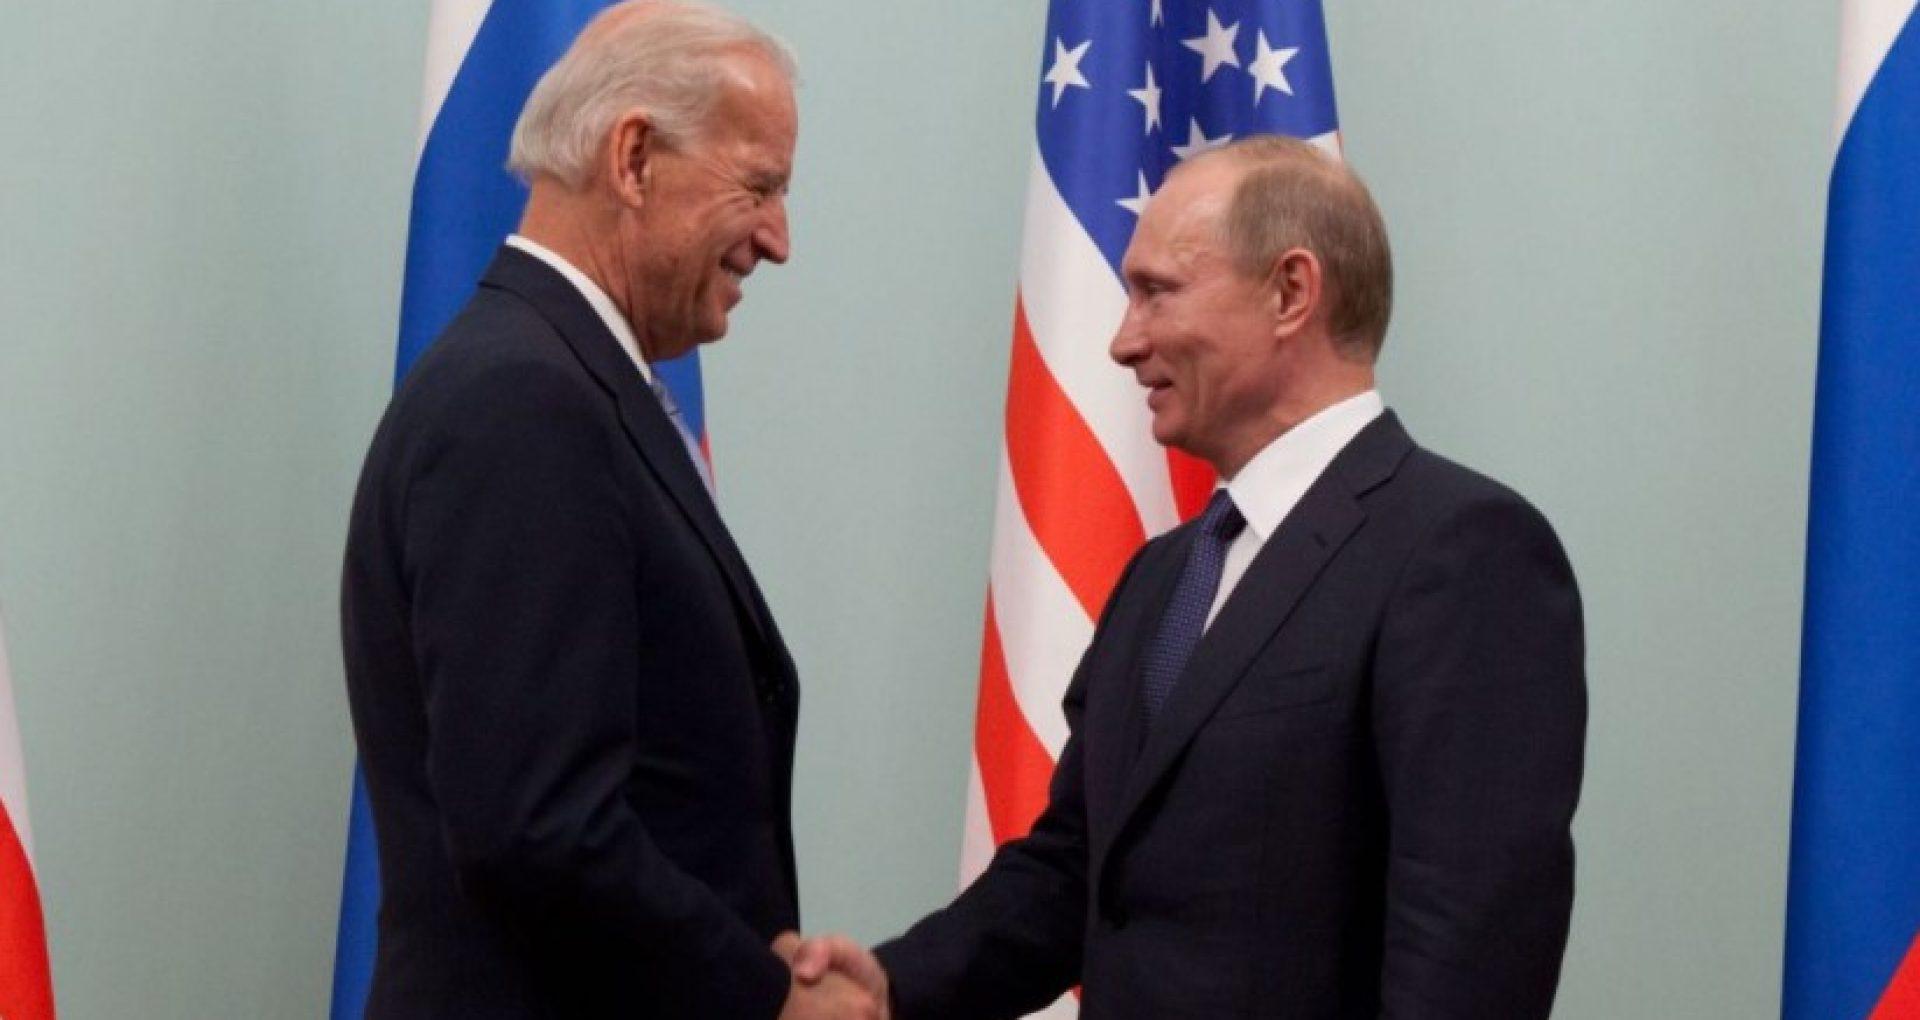 Vladimir Putin și Joe Biden s-ar putea întâlni în iunie. Precizările făcute de către autoritățile de la Kremlin